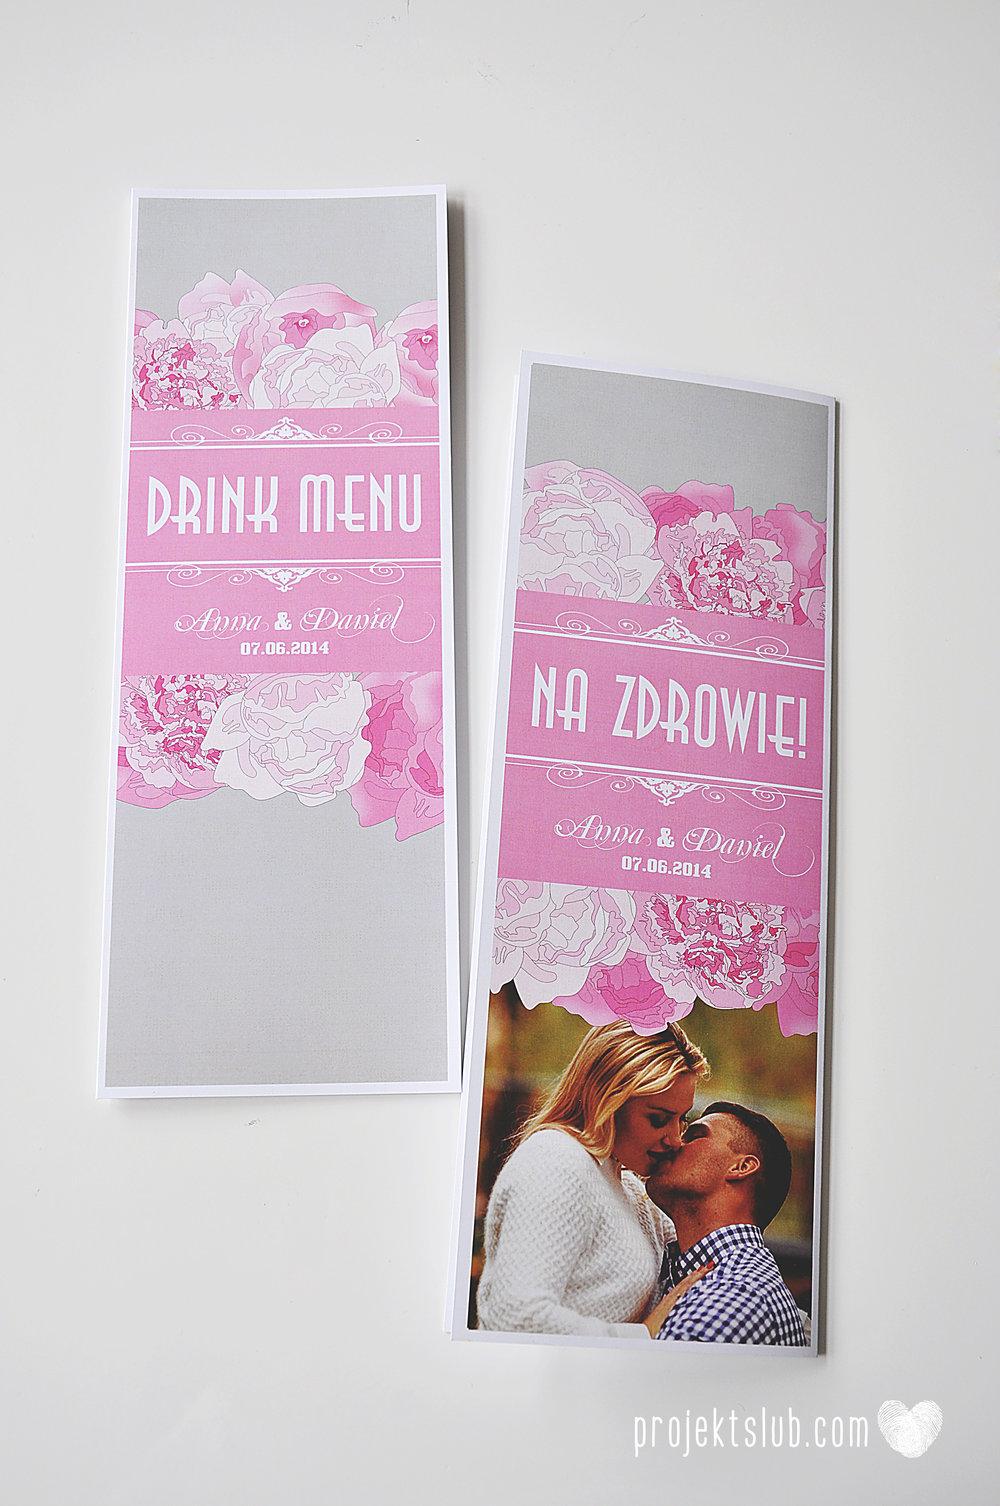 Zaproszenia poczuj miętę z motywem młodej pary buty ślubne hobby grafiki zdjęcia szary róż dodatki weselne zawieszki menu papetria projekt ślub (28).jpg